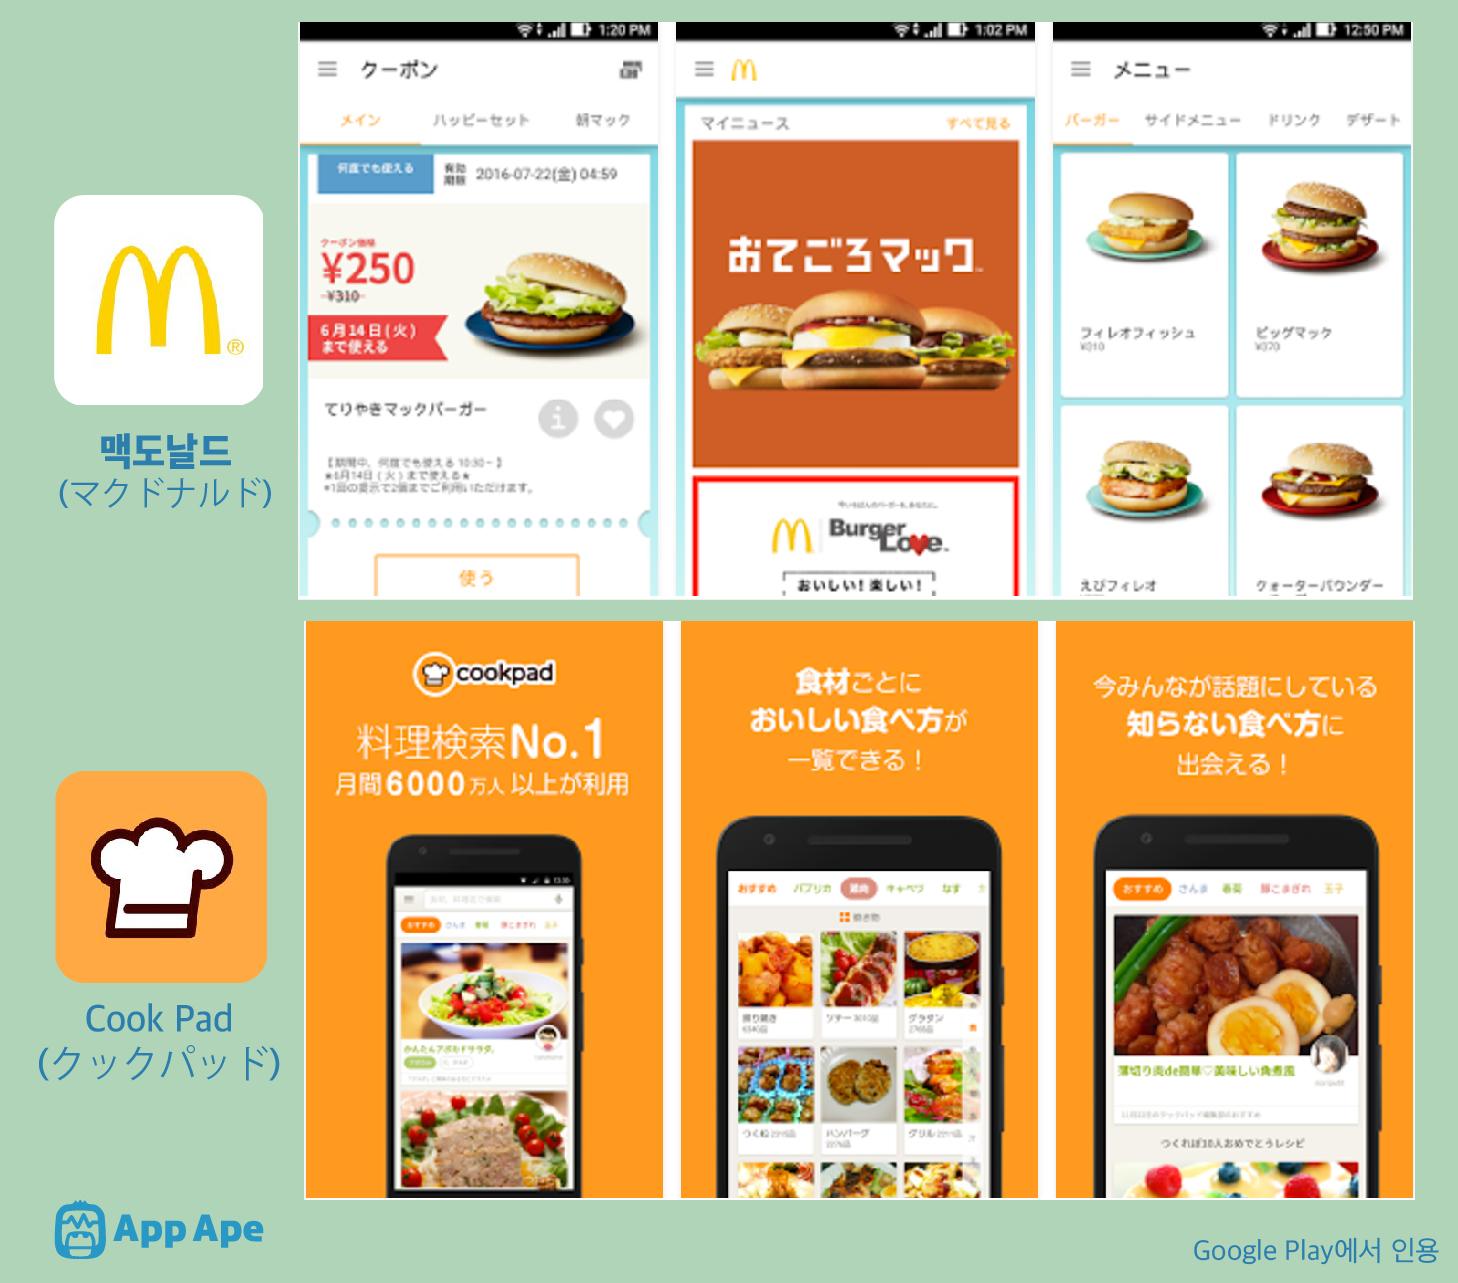 [APP APE의 모바일 앱 분석 ]2016년 가을, 일본에서 가장 흥한 라이프스타일 앱은?!